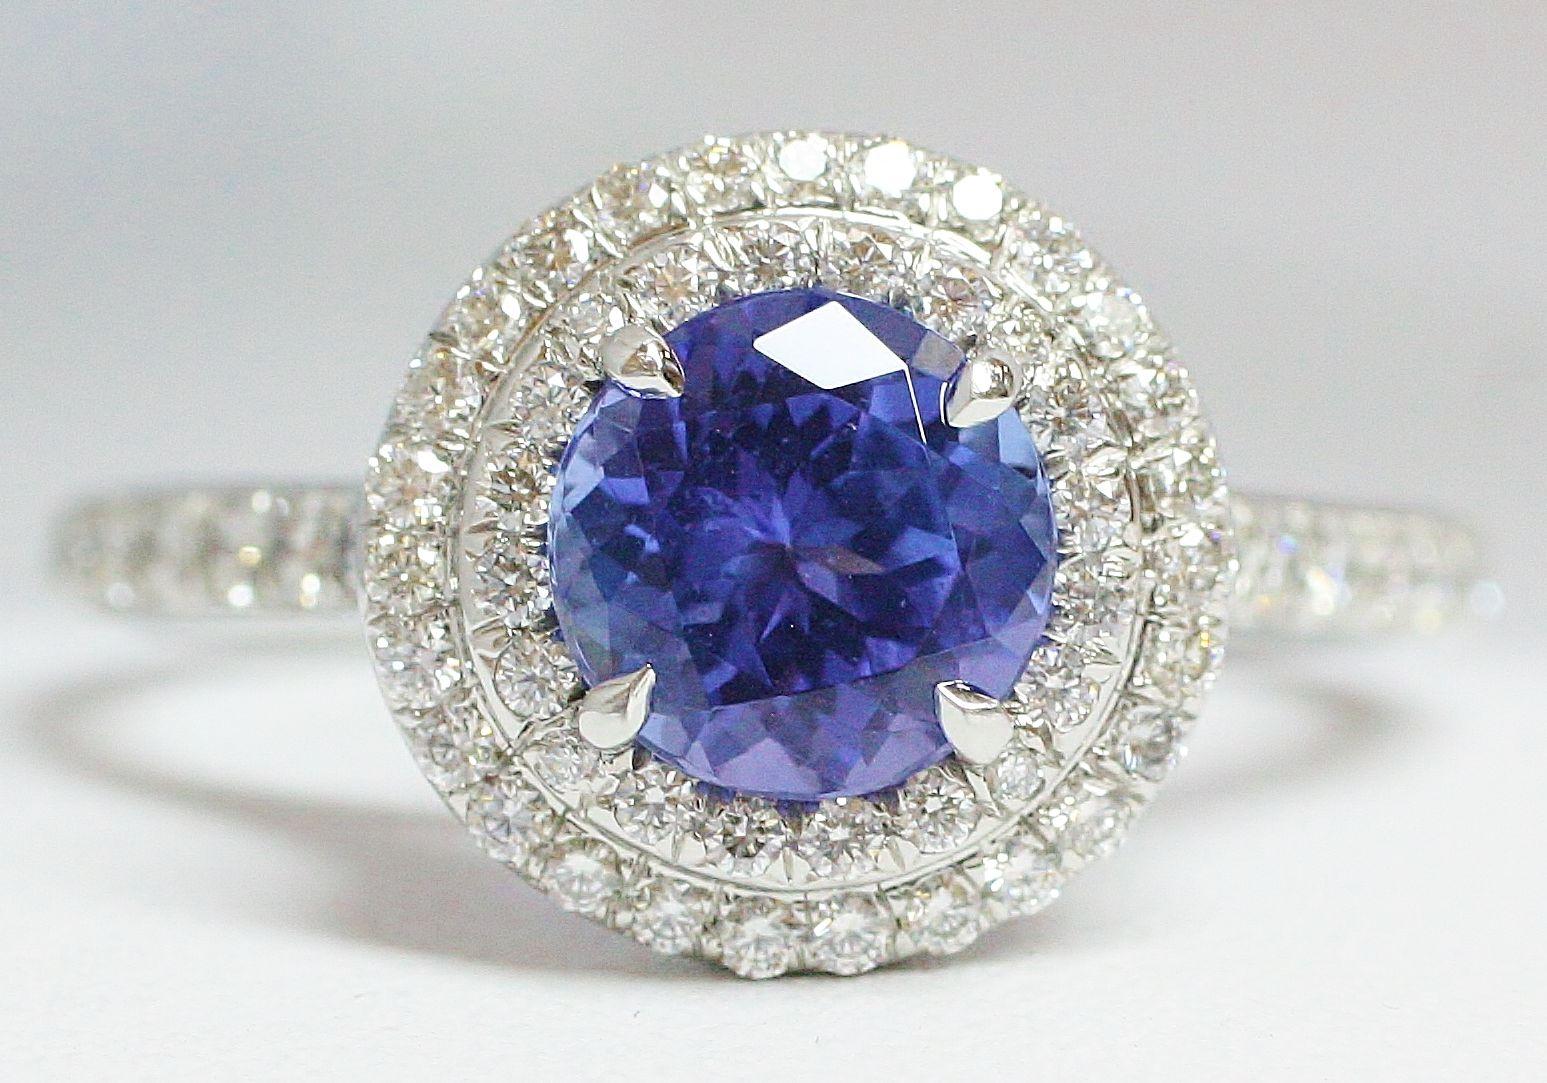 Sell a Tiffany Tanzanite Ring - Los Angeles, CA